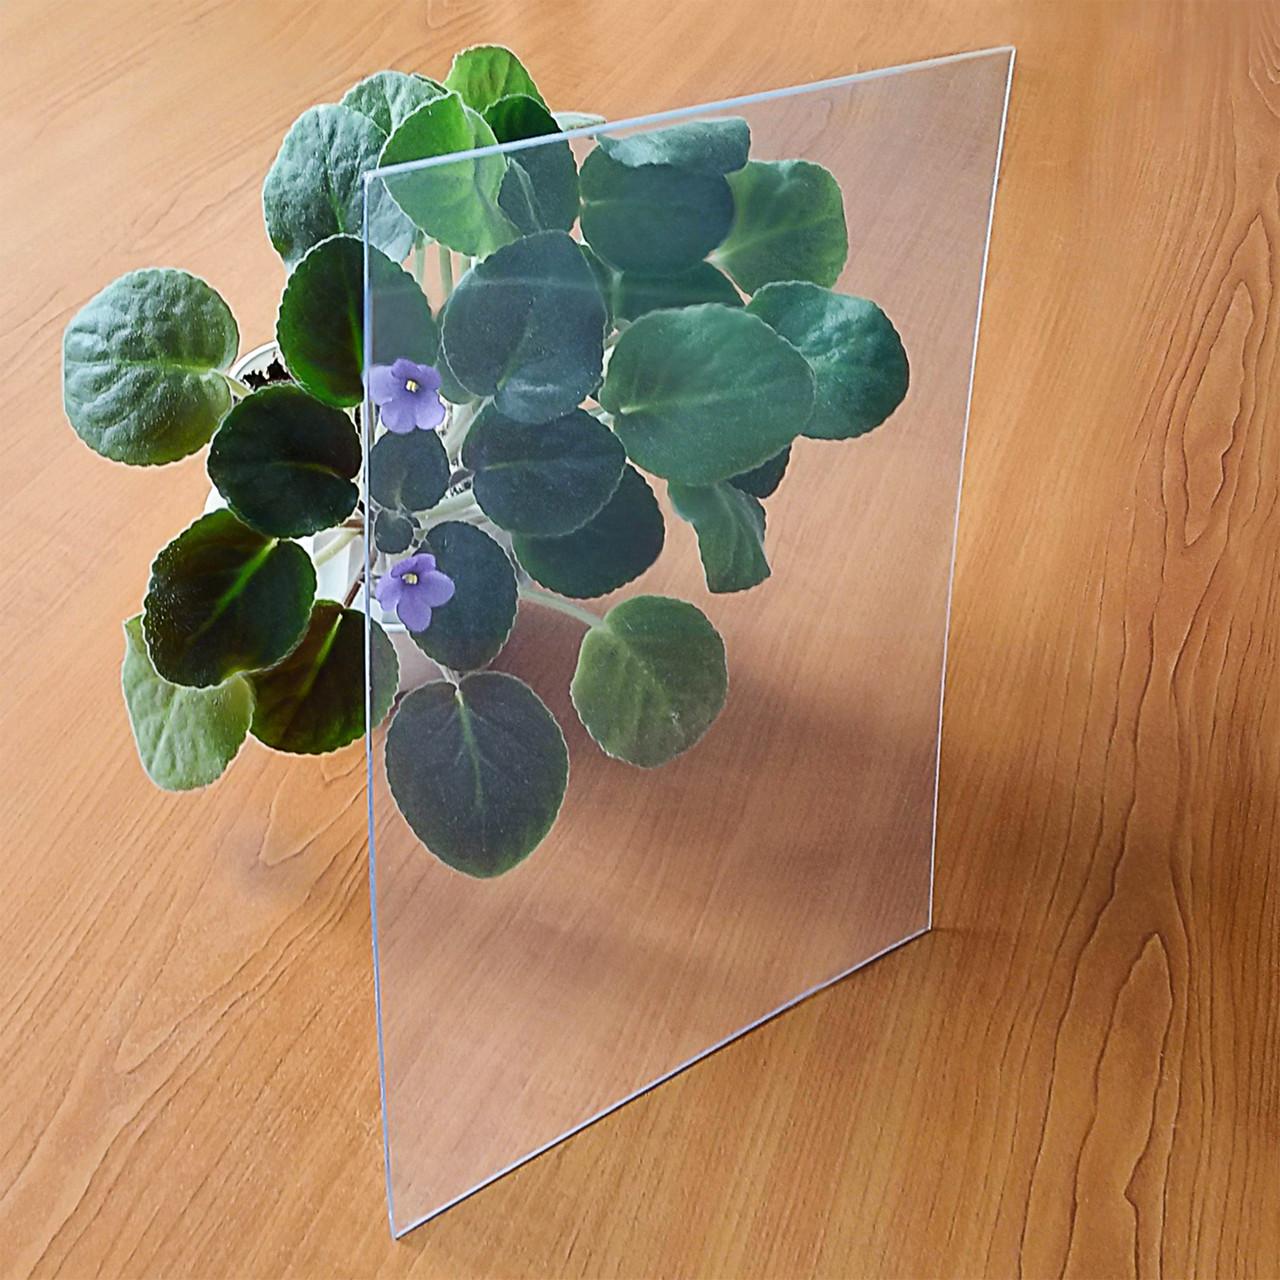 ПВХ твердый прозрачный, лист 1 x 2 м, 0.8 мм